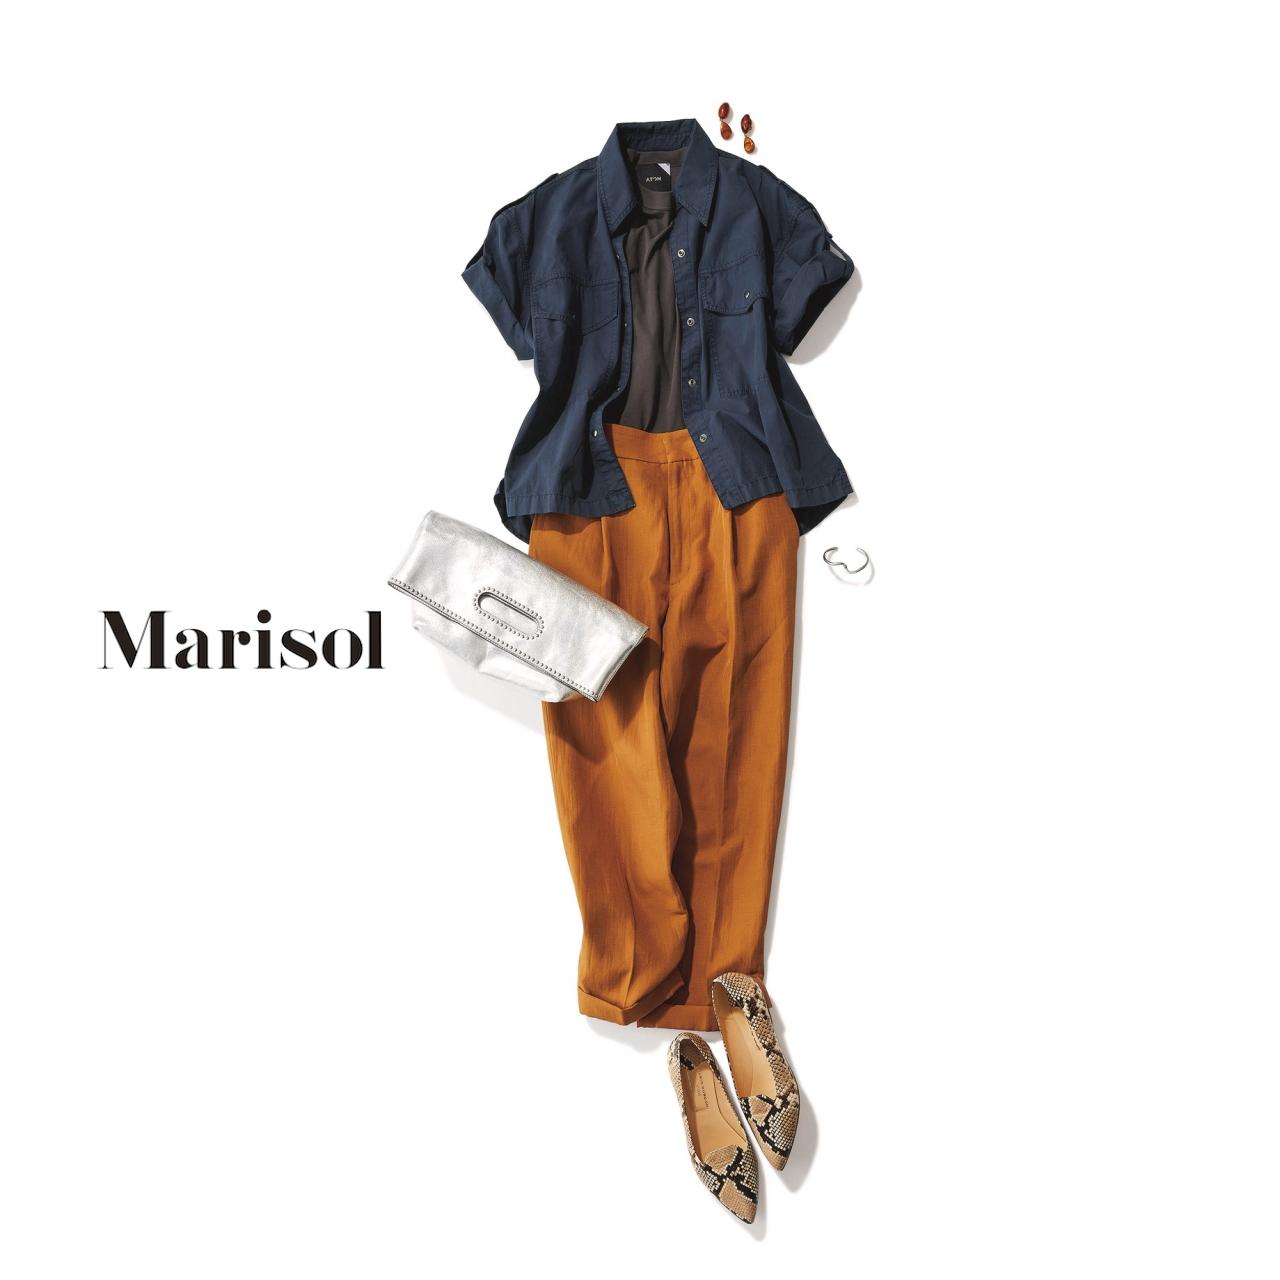 ファッション ネイビーシャツ×キャメルブラウンパンツコーデ